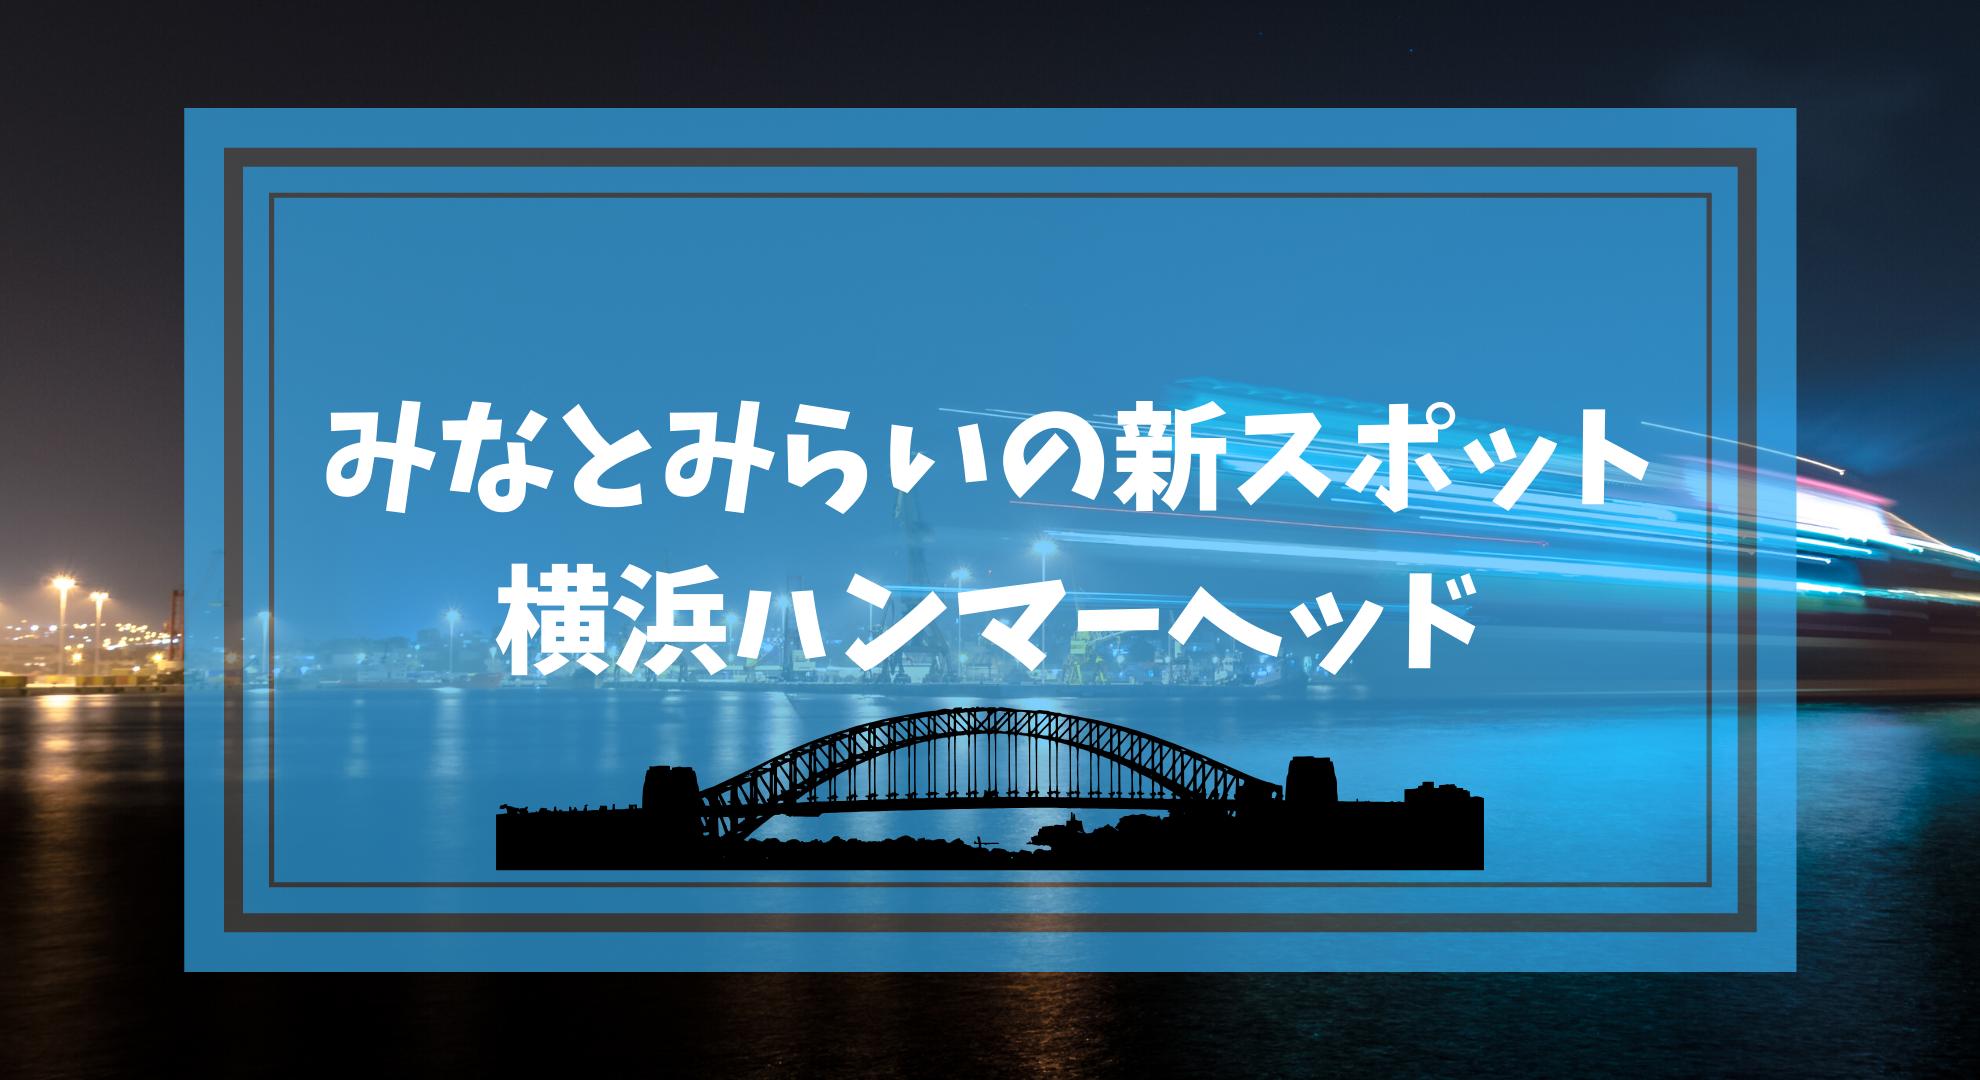 【横浜ハンマーヘッド】みなとみらいの新しい観光スポットをご紹介!